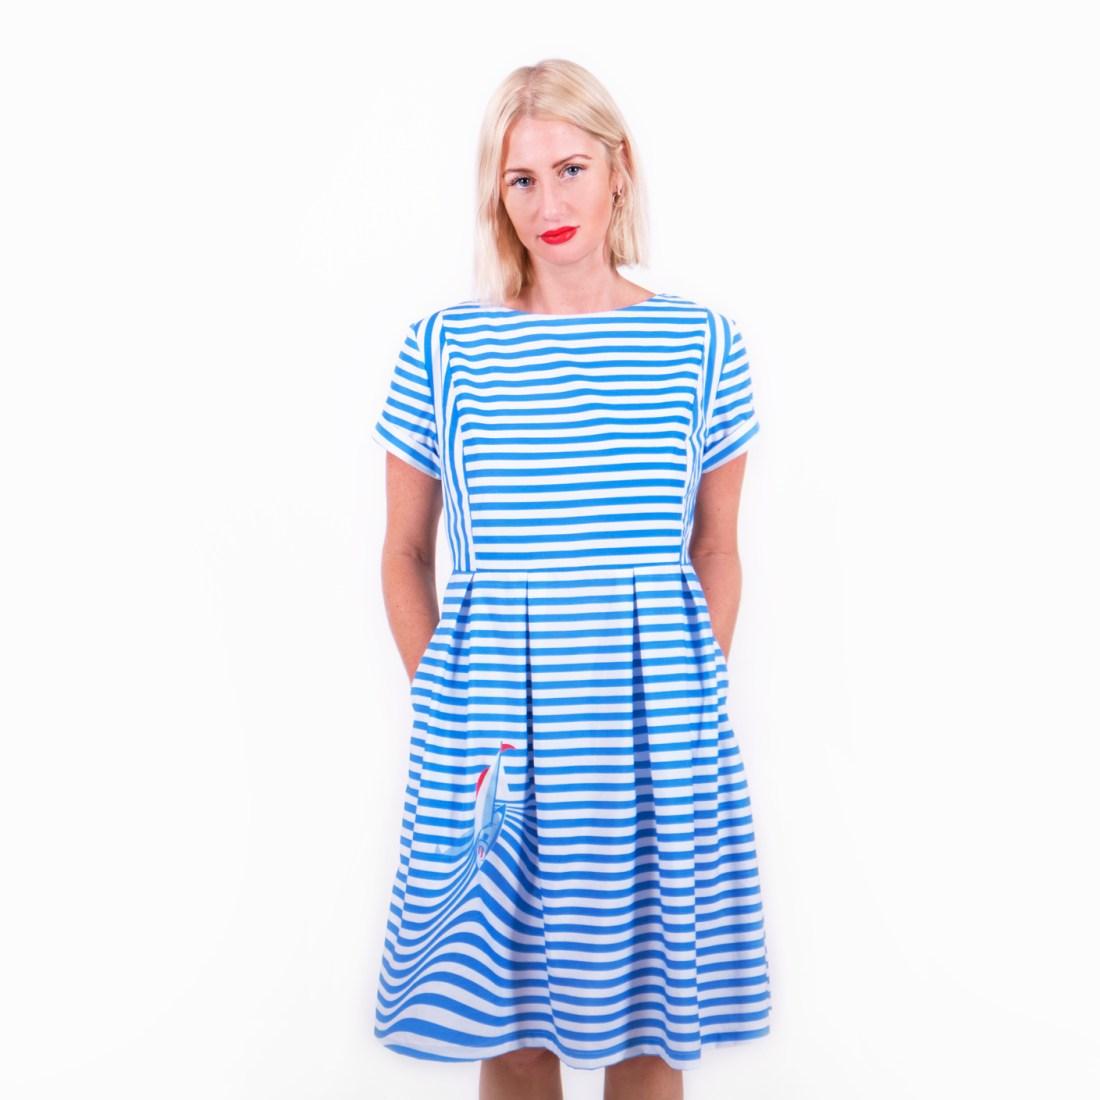 Sail Away Dress by La Come Di